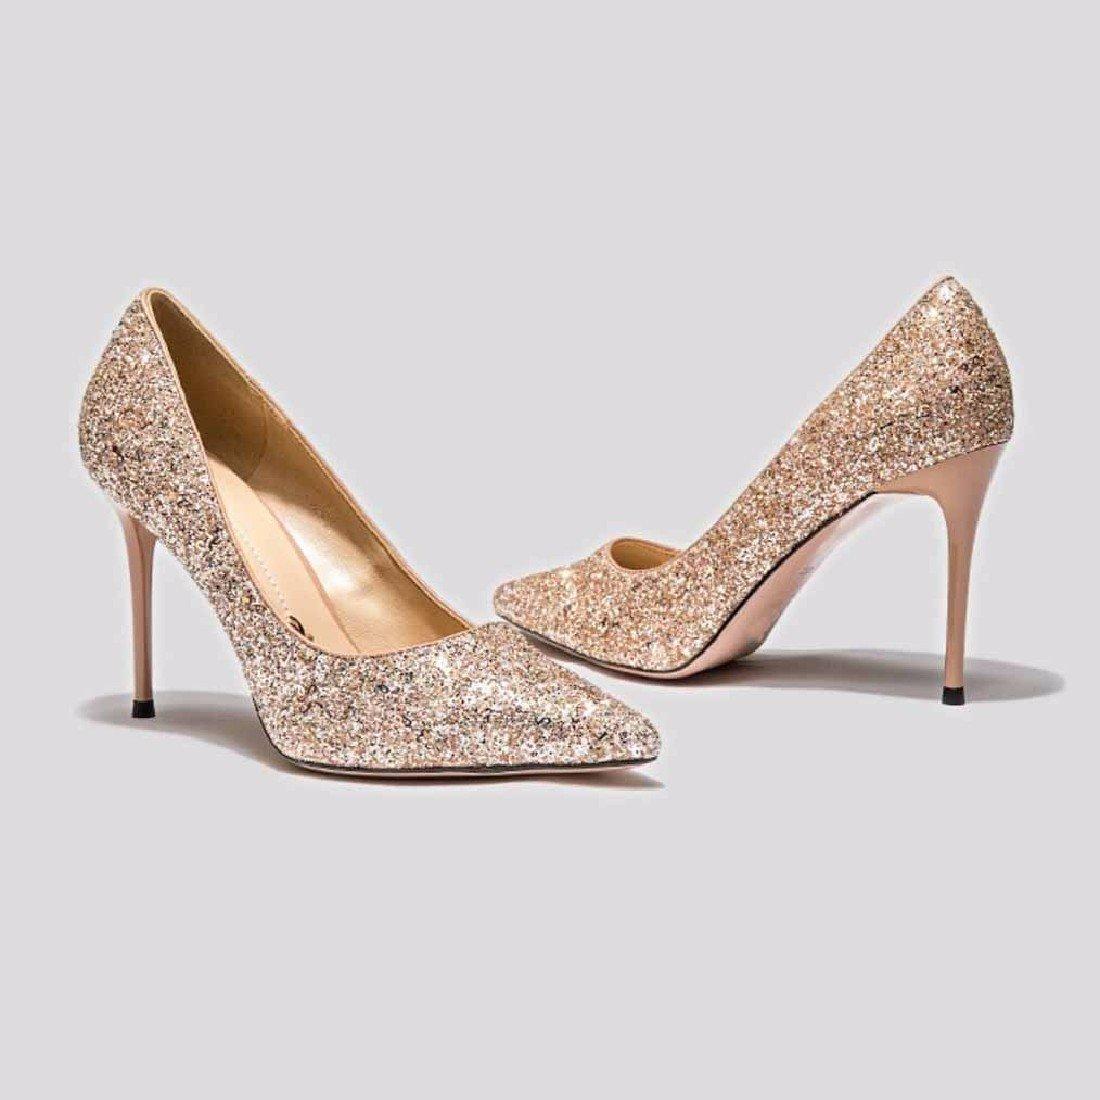 QPSSP Hat Schuhe, High Heels, High Heels, Schuhe, Einzelne Schuhe, Heels, Damenschuhe. Golden f919b2